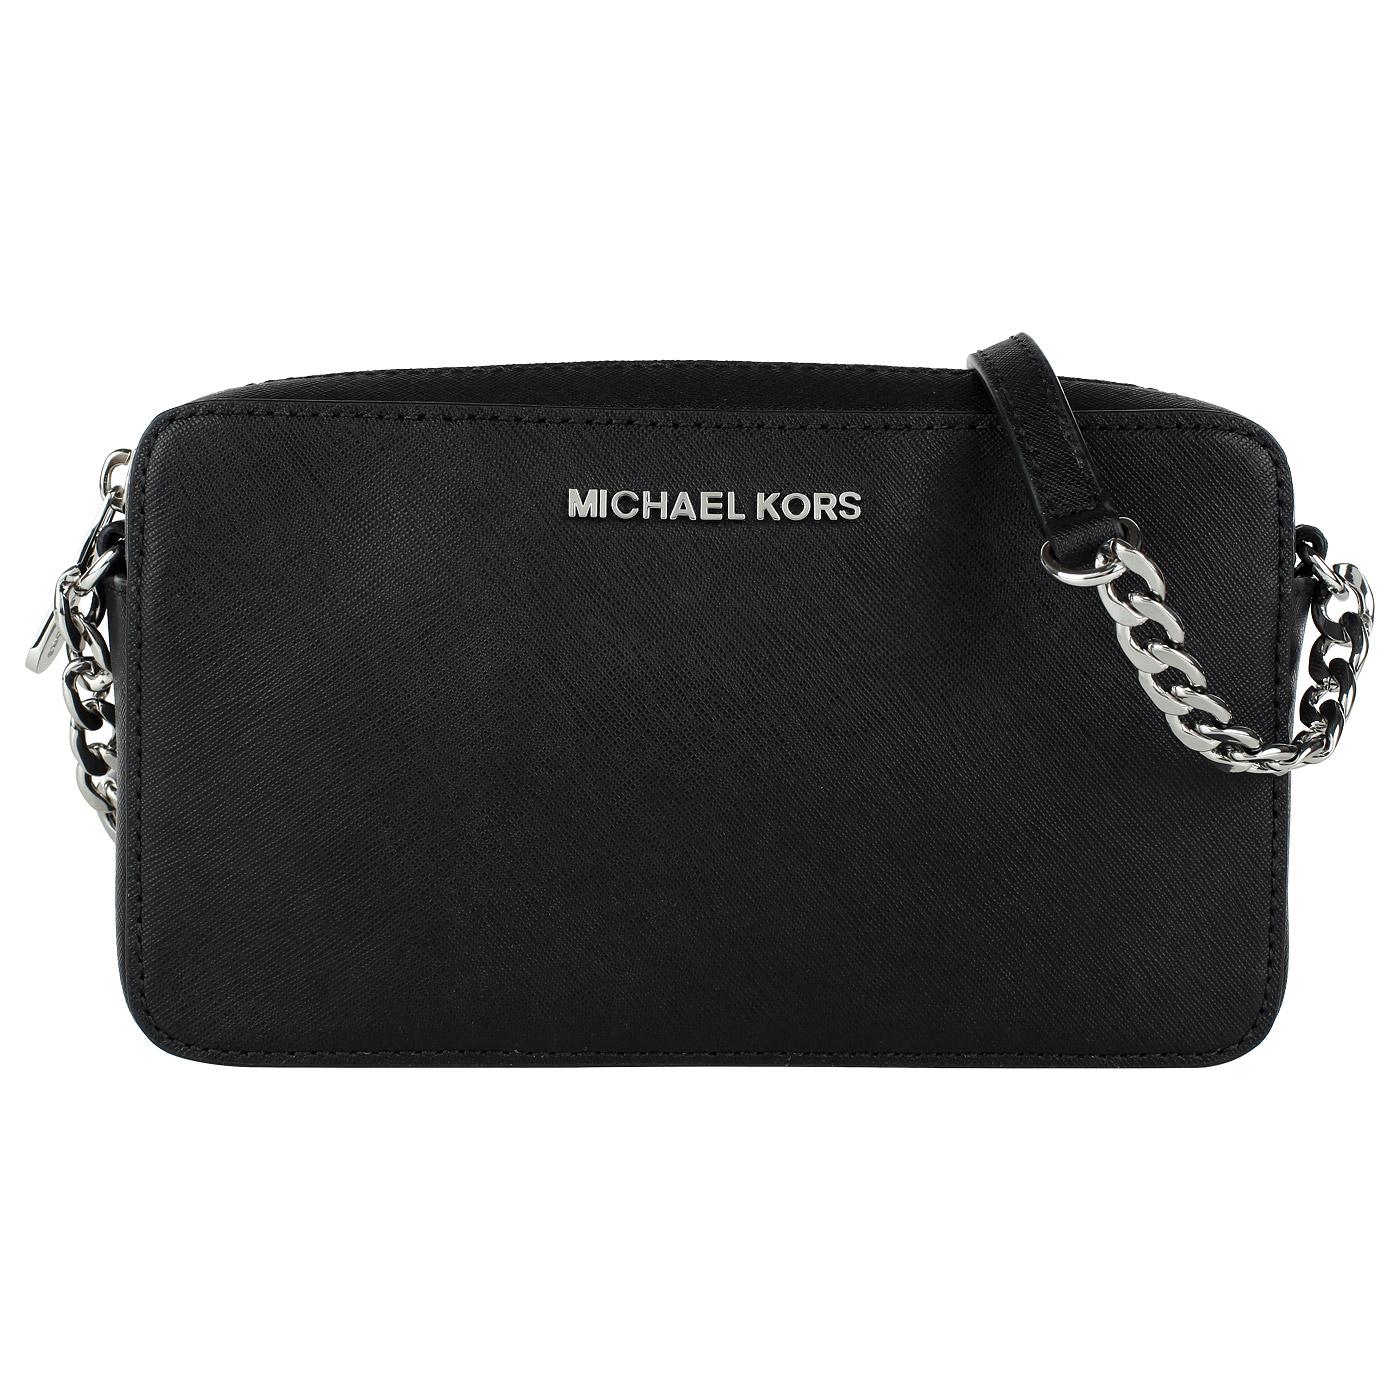 f9a7e597527a ... Маленькая черная сумка кросс-боди из натуральной сафьяновой кожи Michael  Kors Jet set travel ...